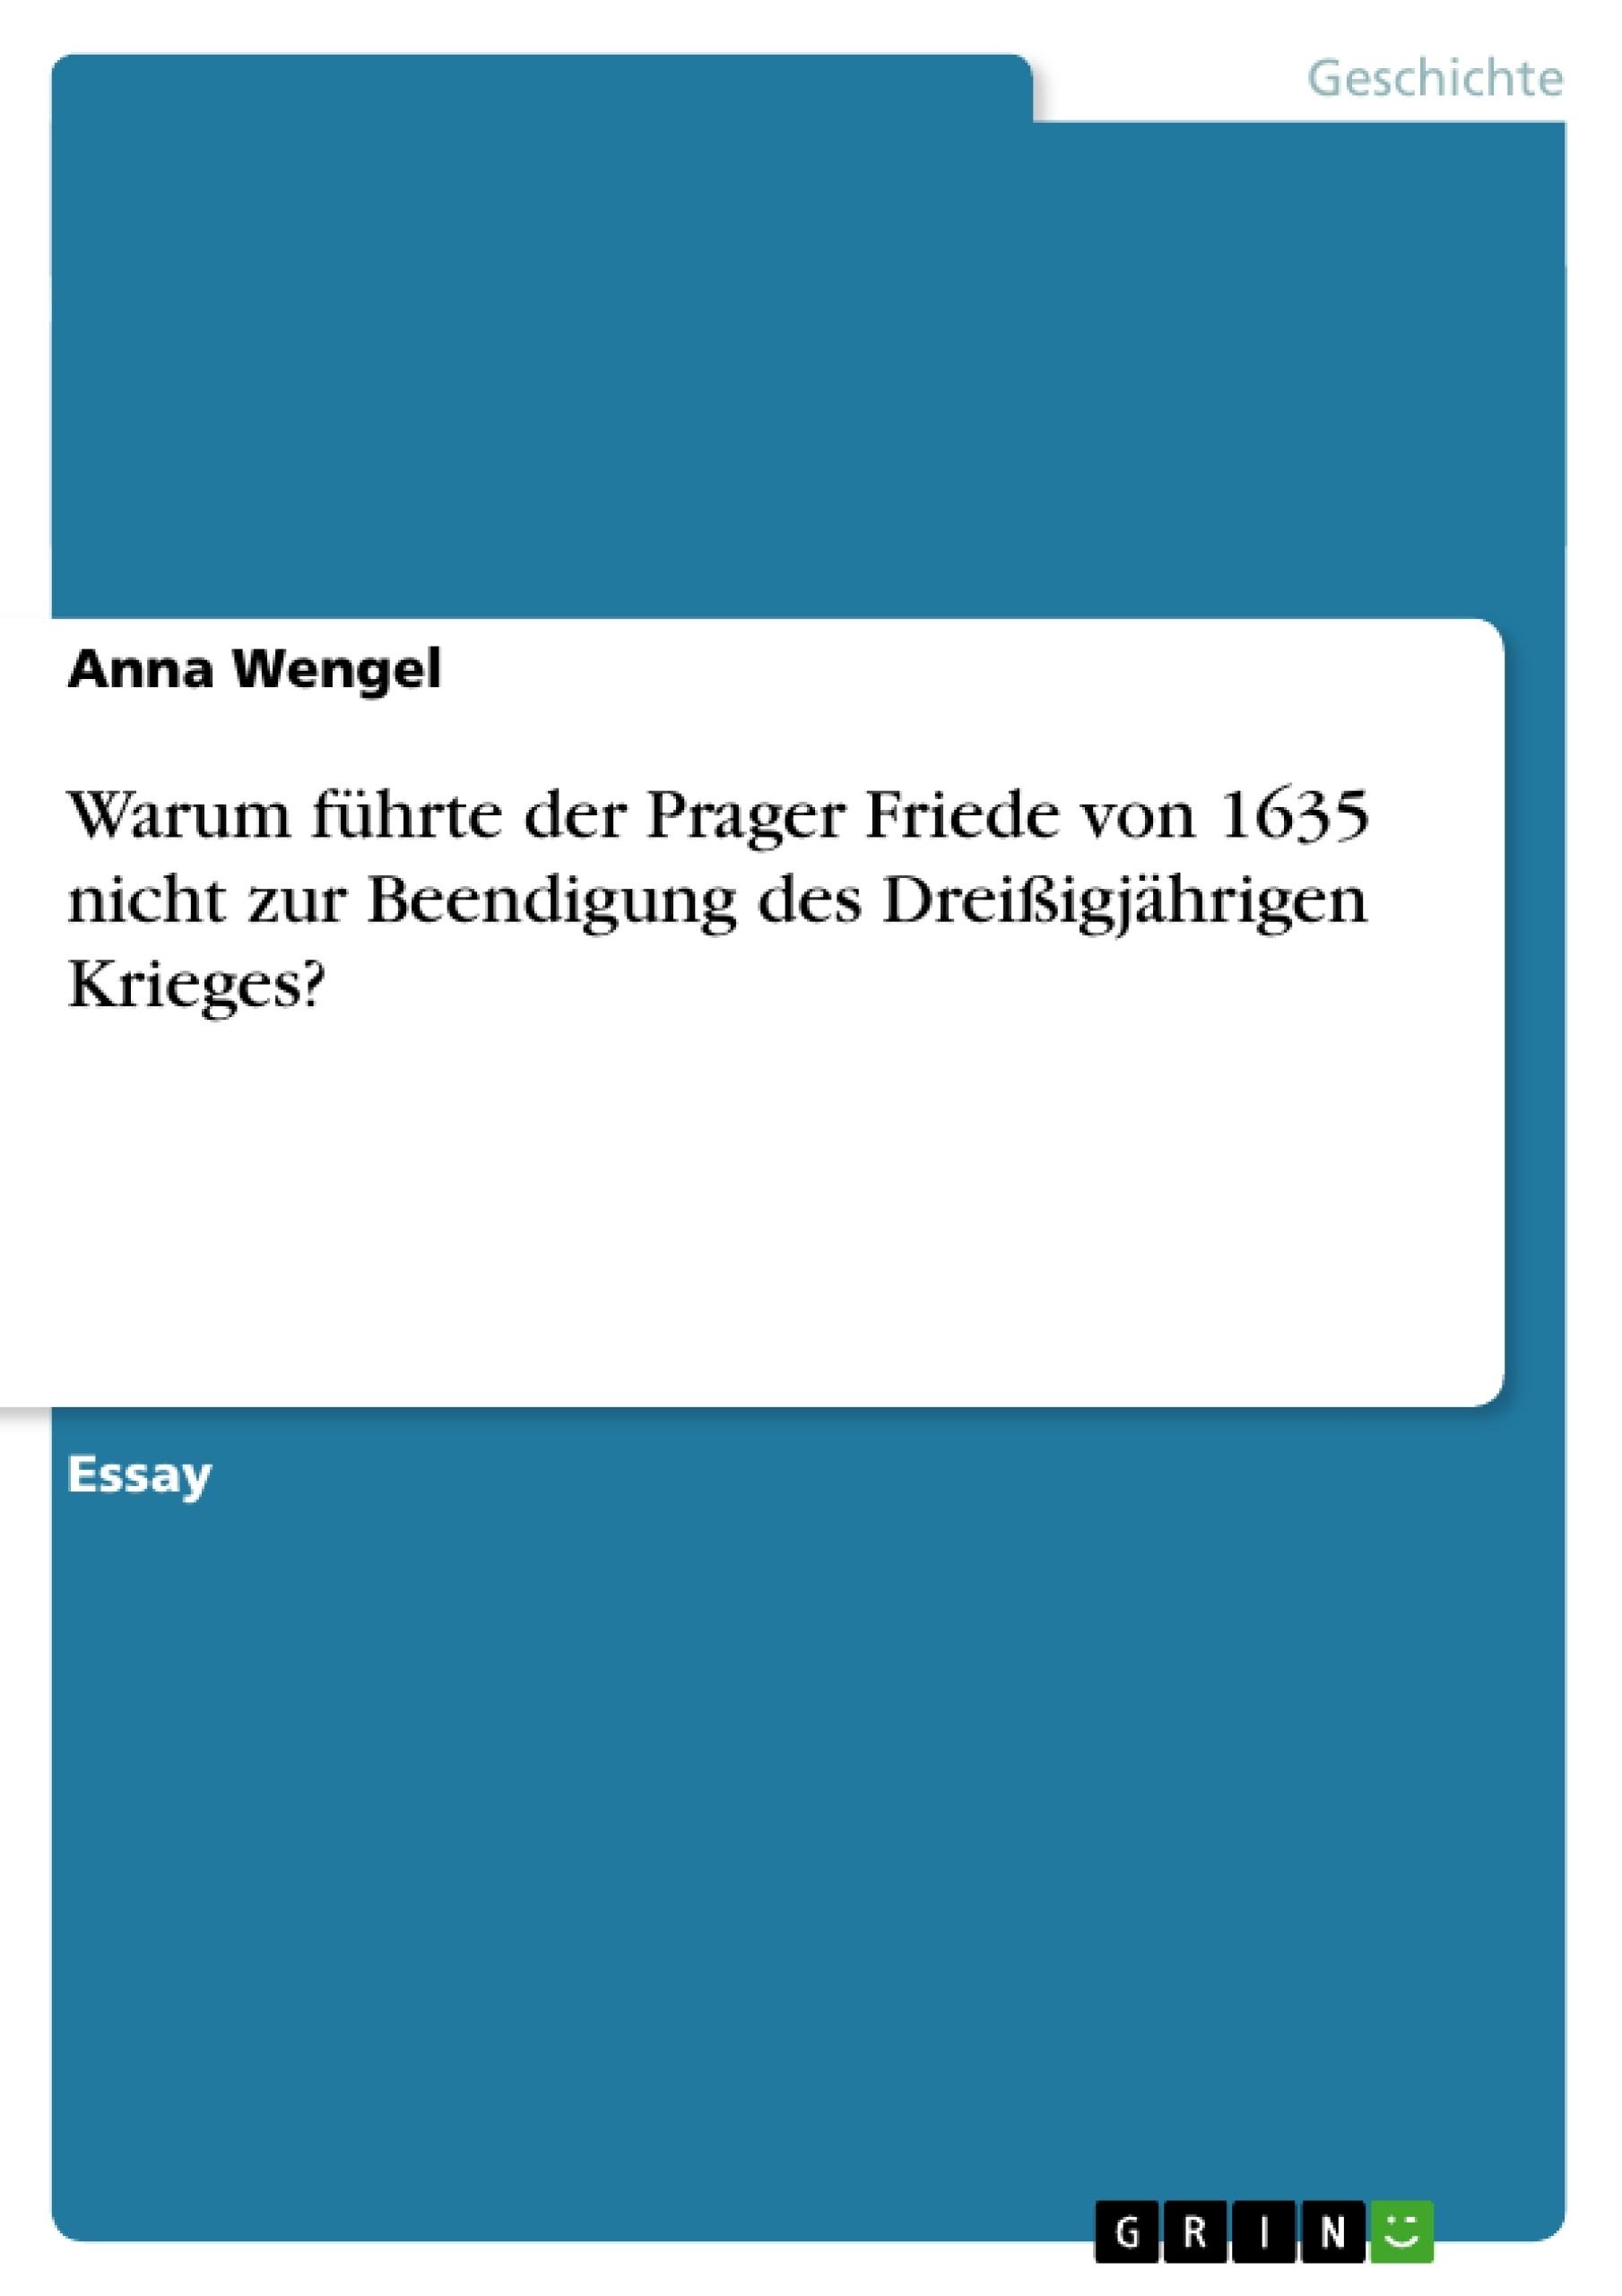 Titel: Warum führte der Prager Friede von 1635 nicht zur Beendigung des Dreißigjährigen Krieges?